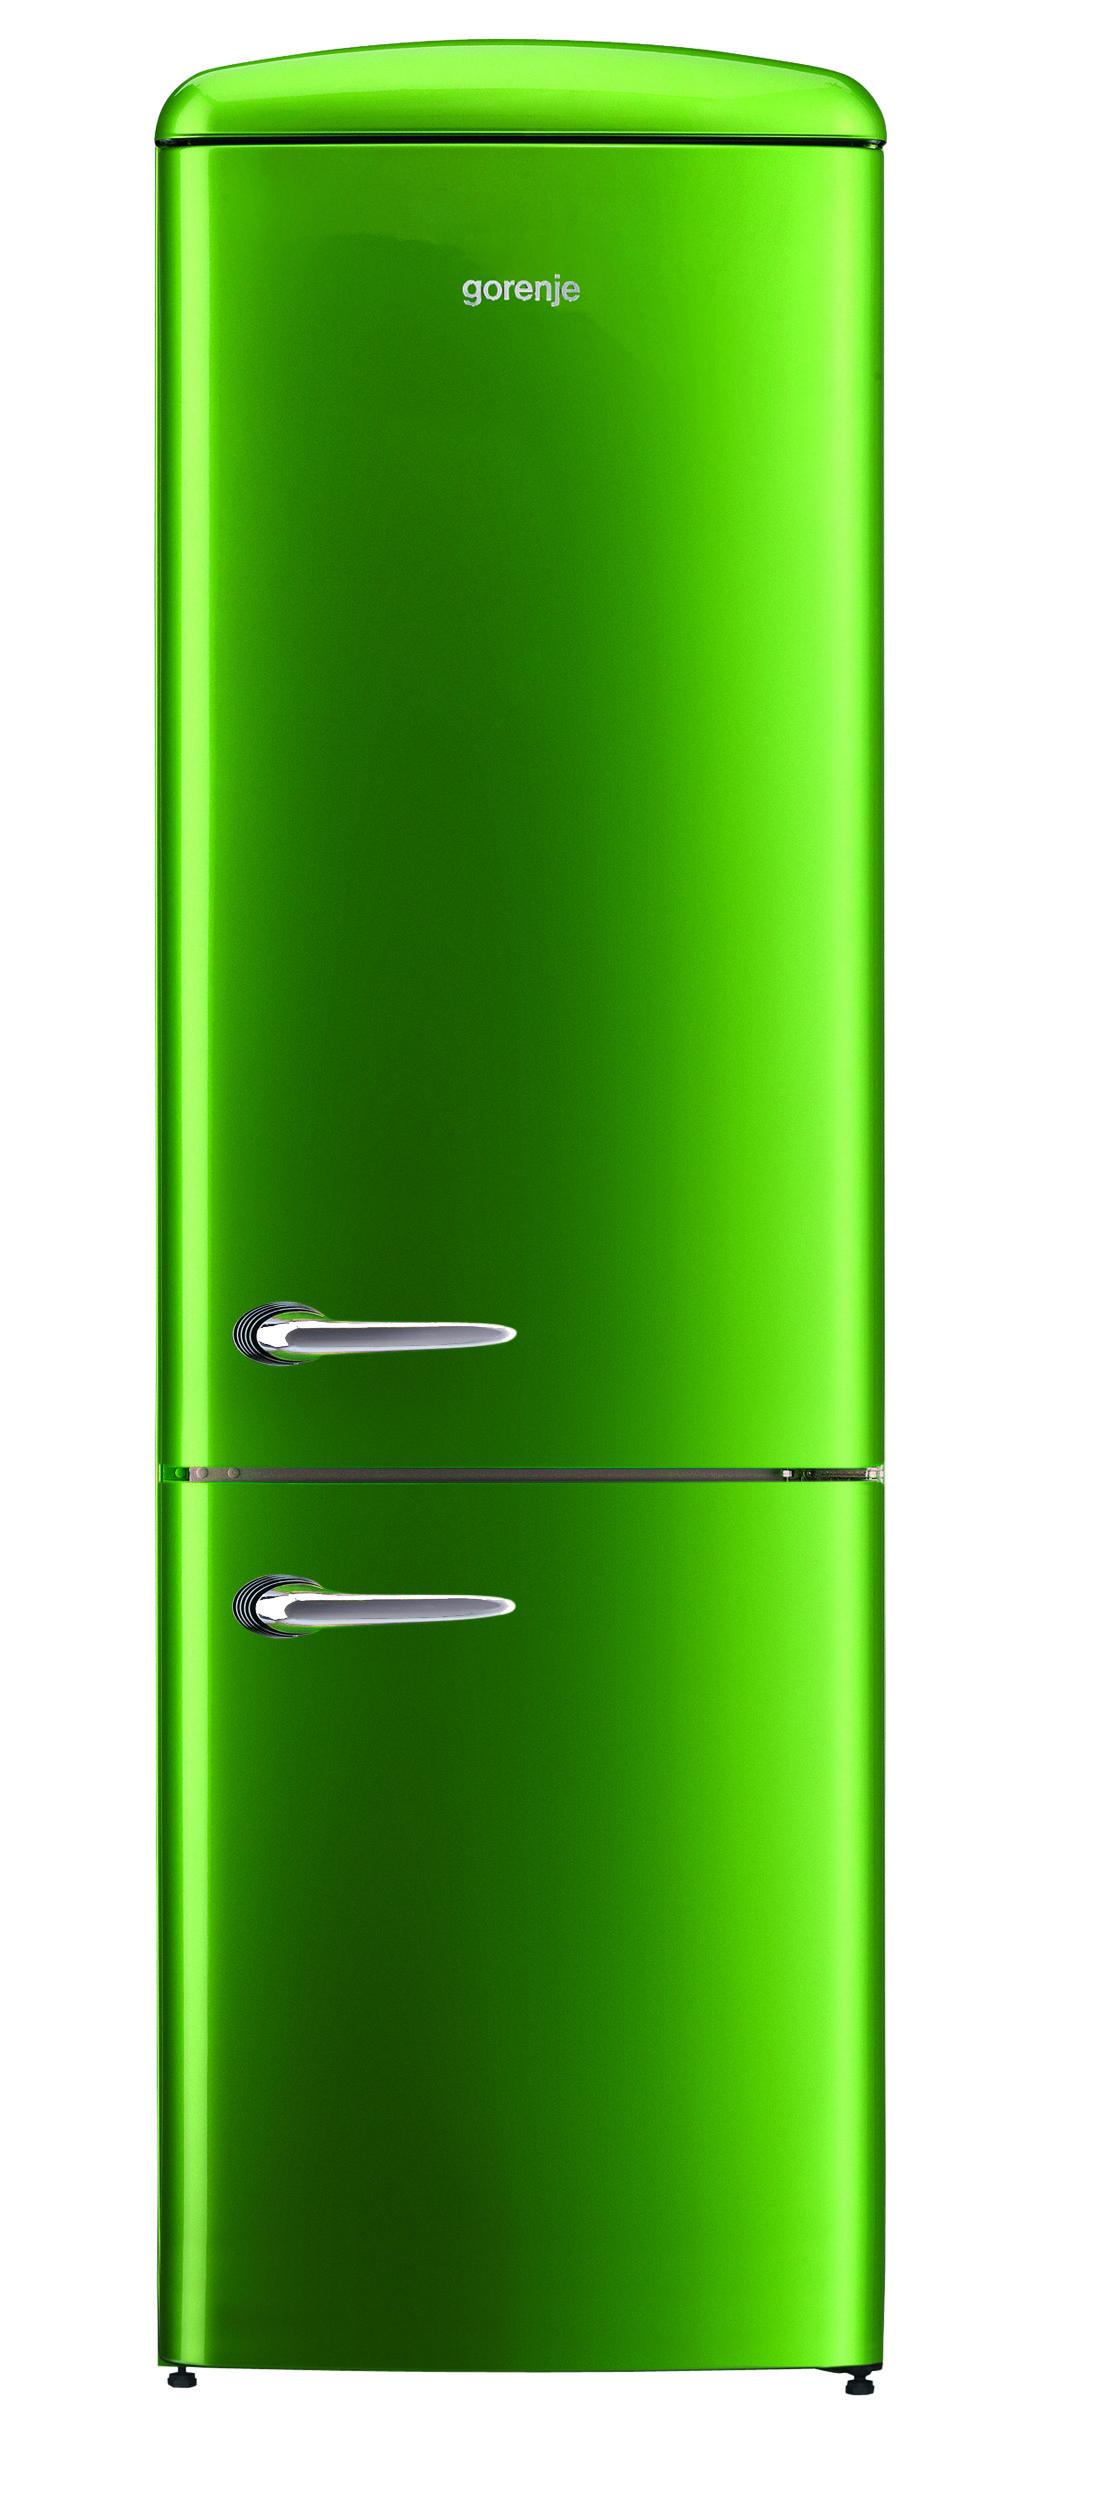 очень картинки холодильник зеленый выпады можно